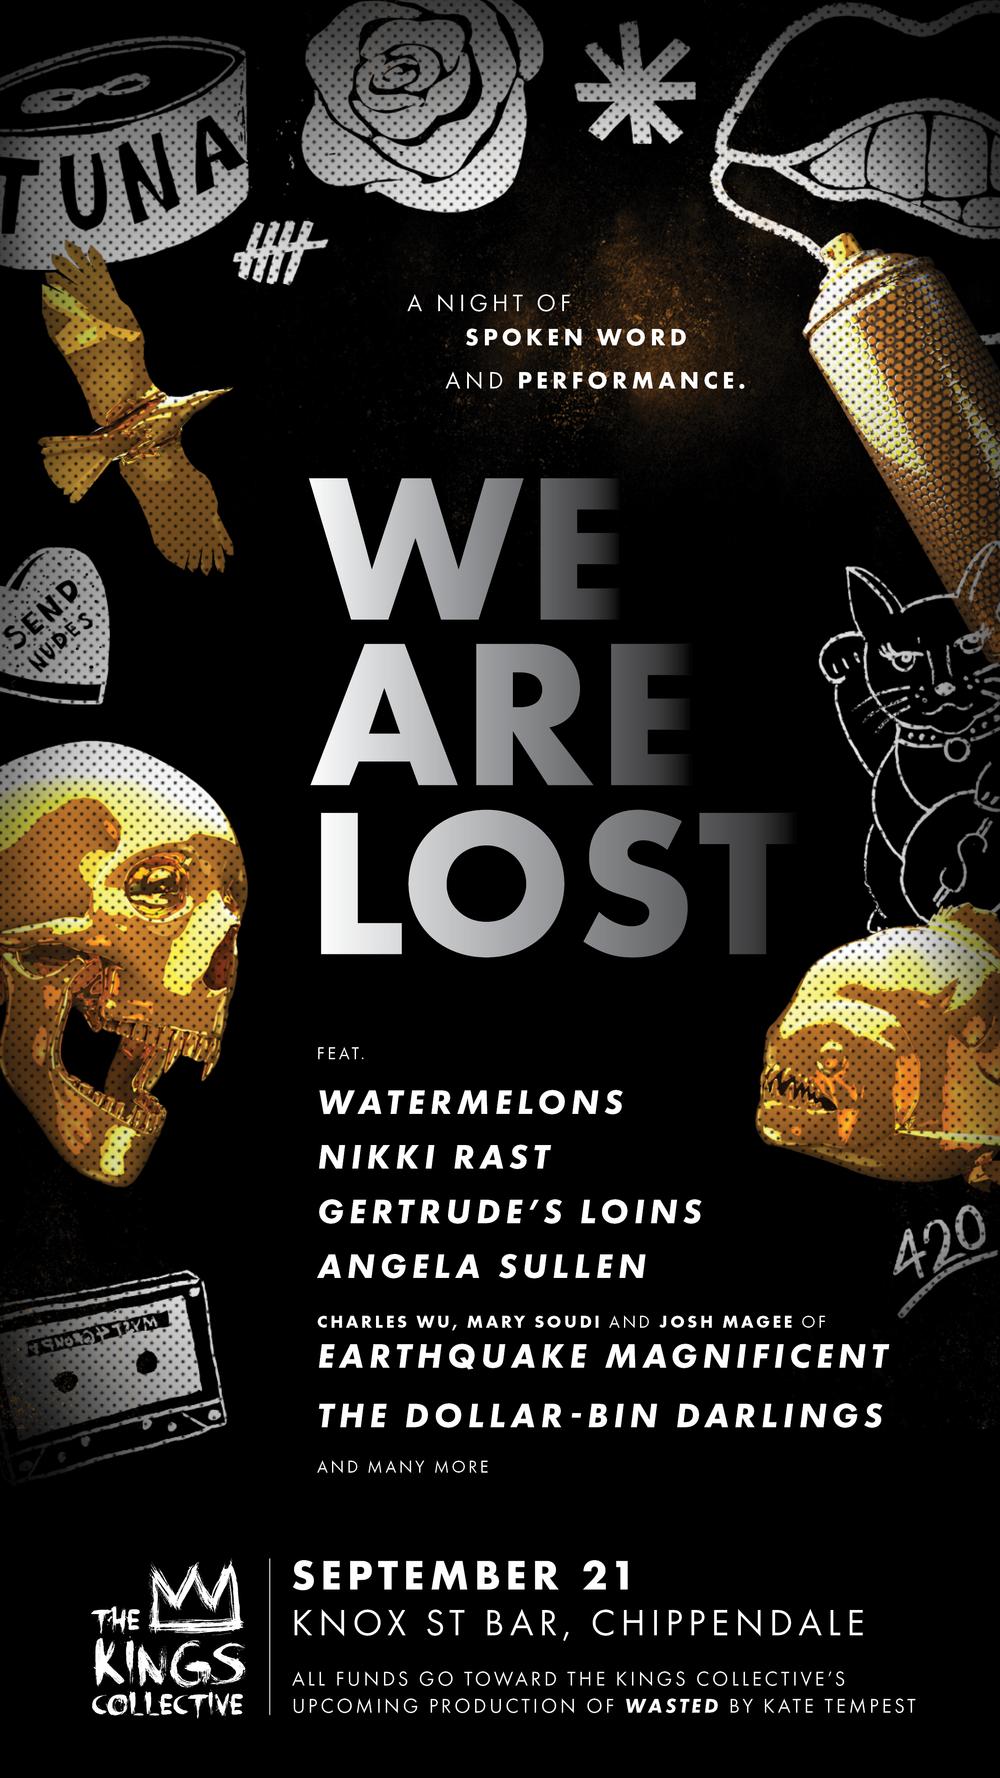 WAL001_Poster_1080x1920_Sep1.png